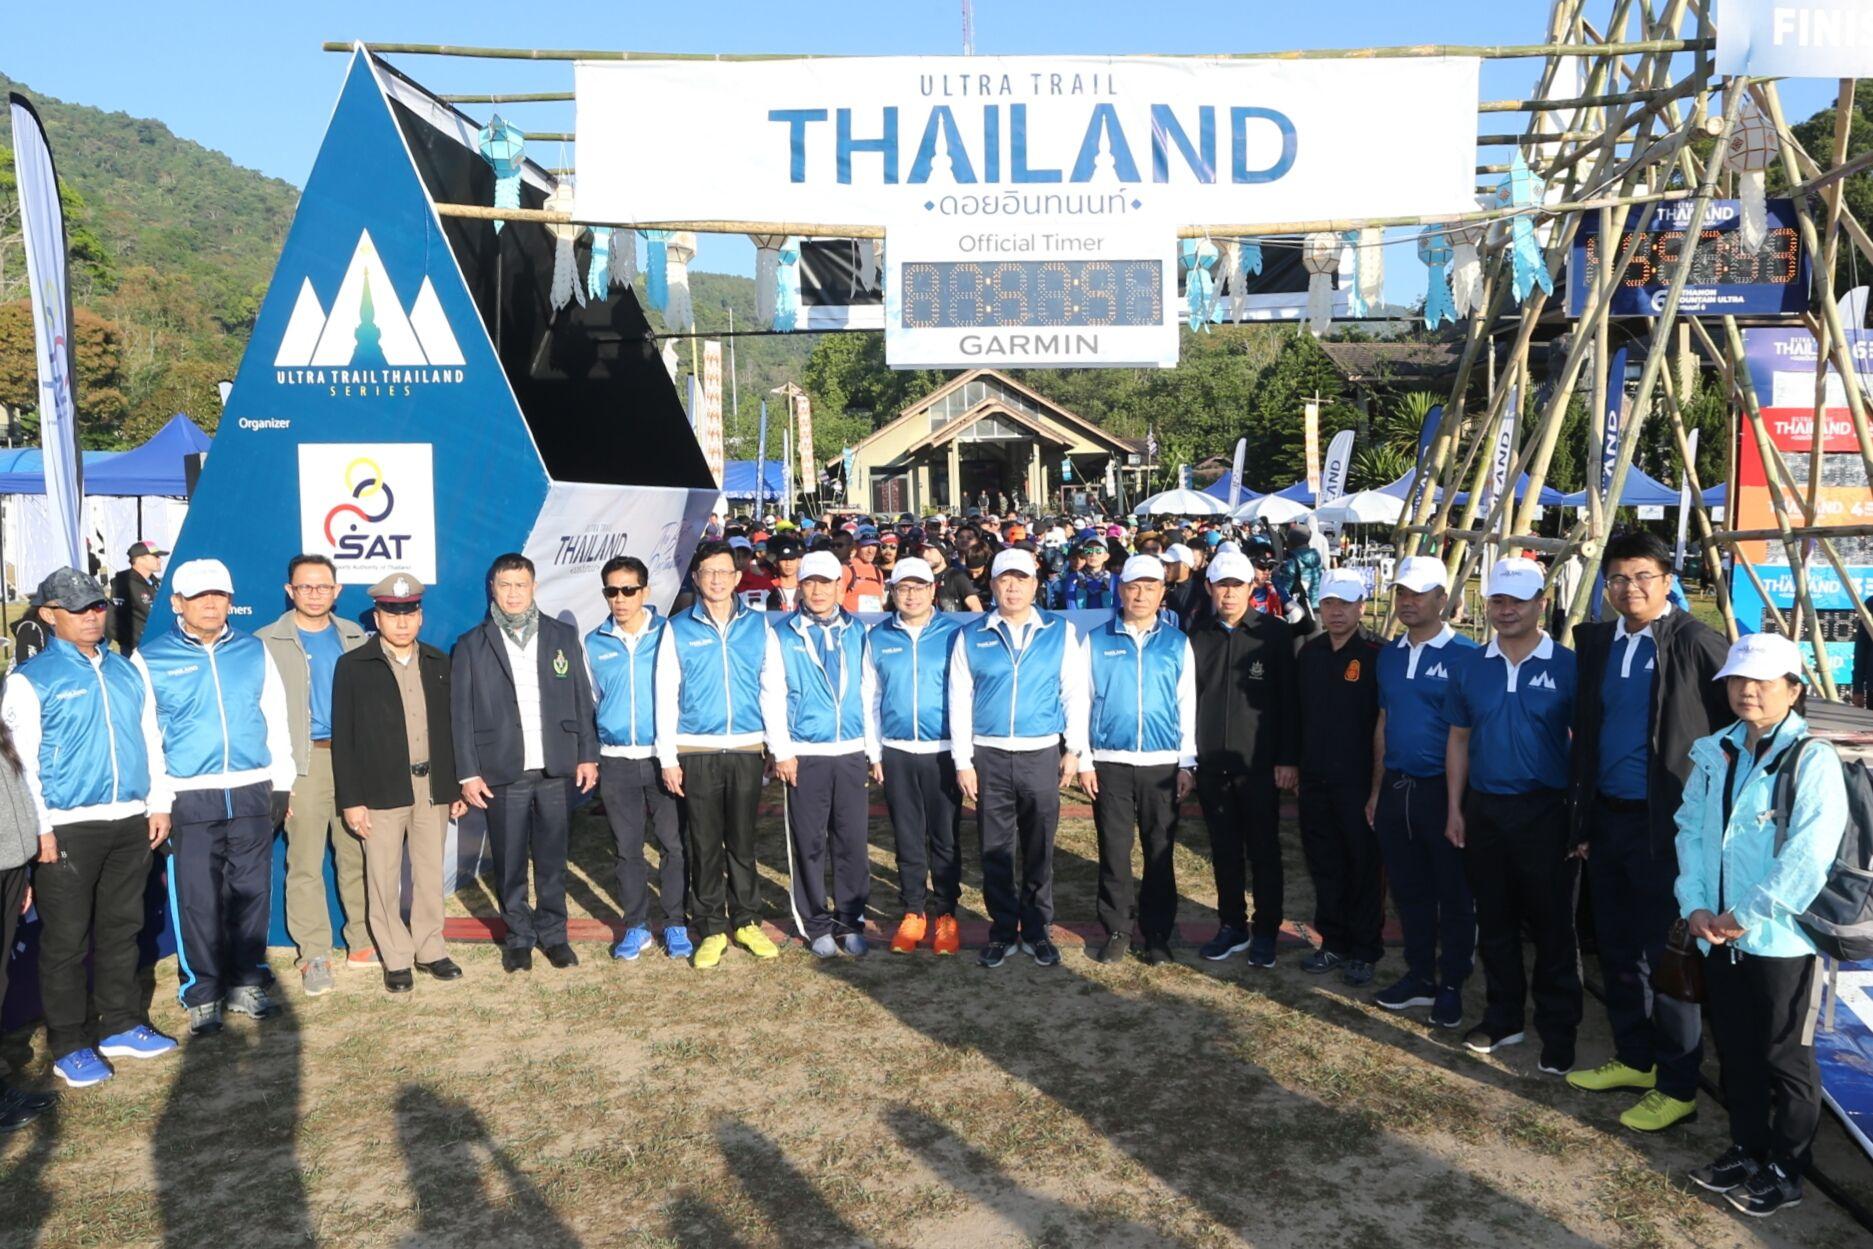 วิ่ง, วิ่งเทรล, Ultra Trail Thailand 2020, การกีฬาแห่งประเทศไทย, กระทรวงการท่องเที่ยวและกีฬา, Ultra Trail Mont Blanc International